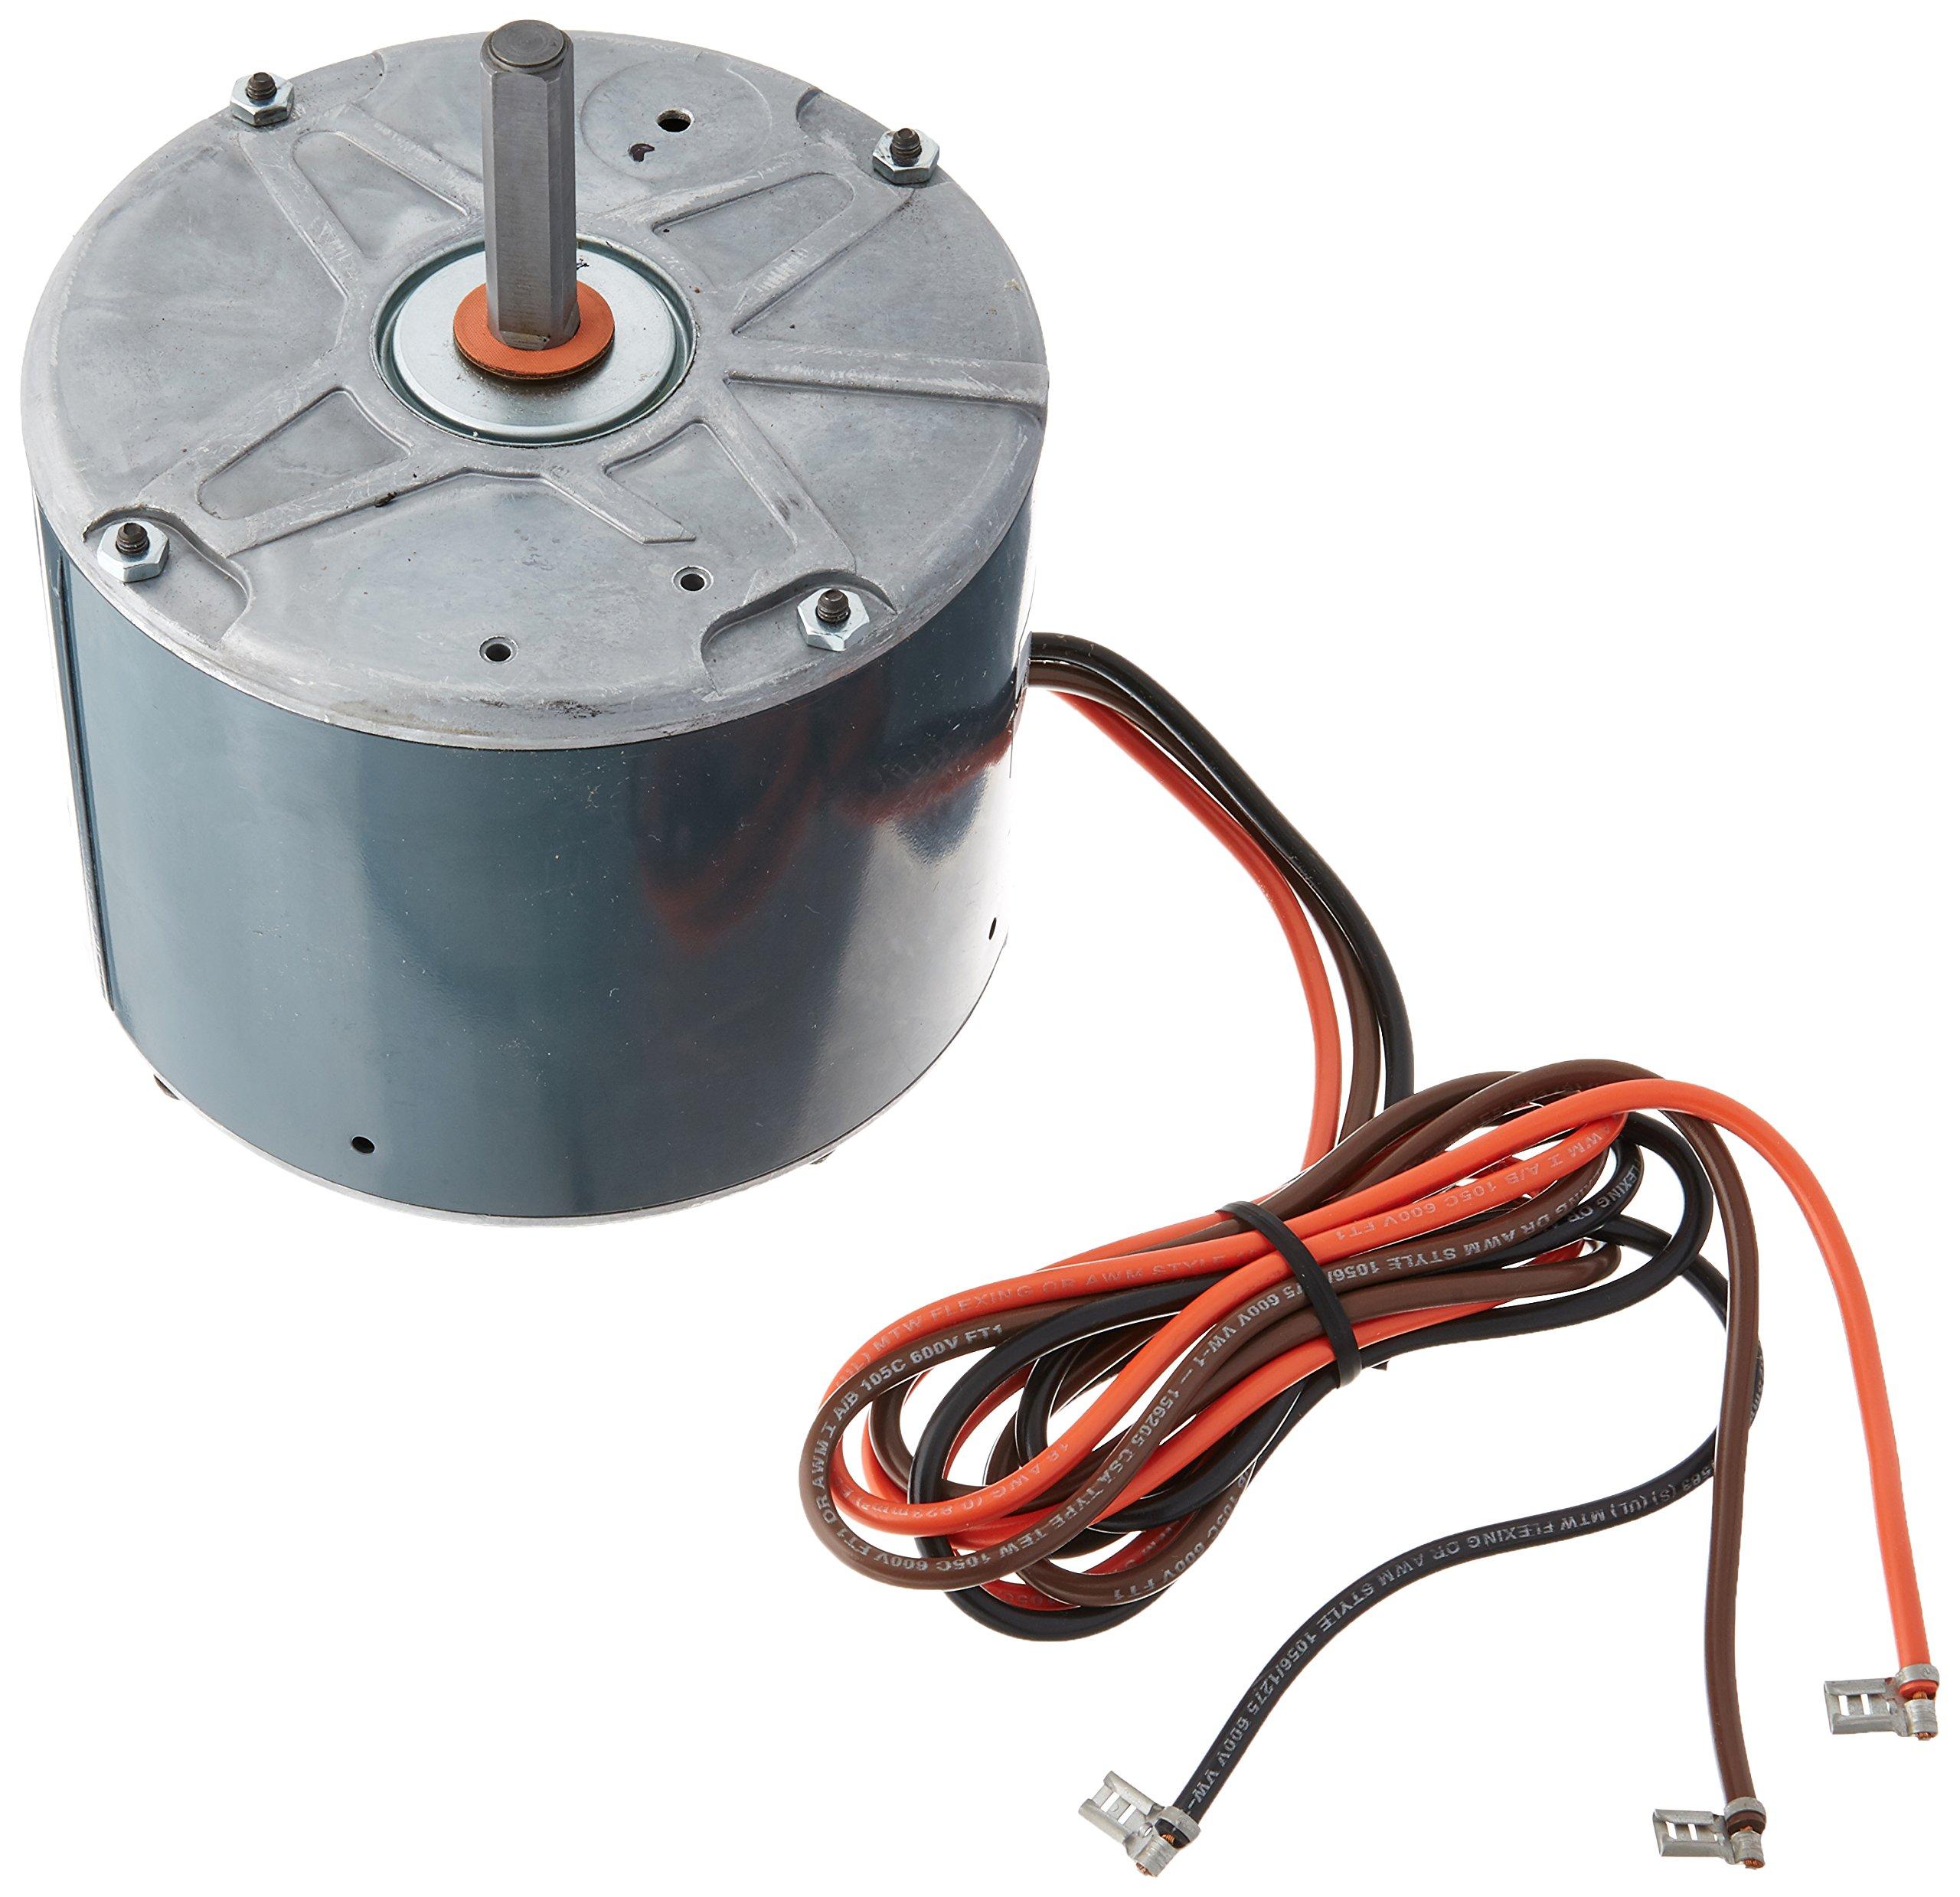 Protech 51-21853-11 1/3 hp 208-230/1/60 Condenser Motor